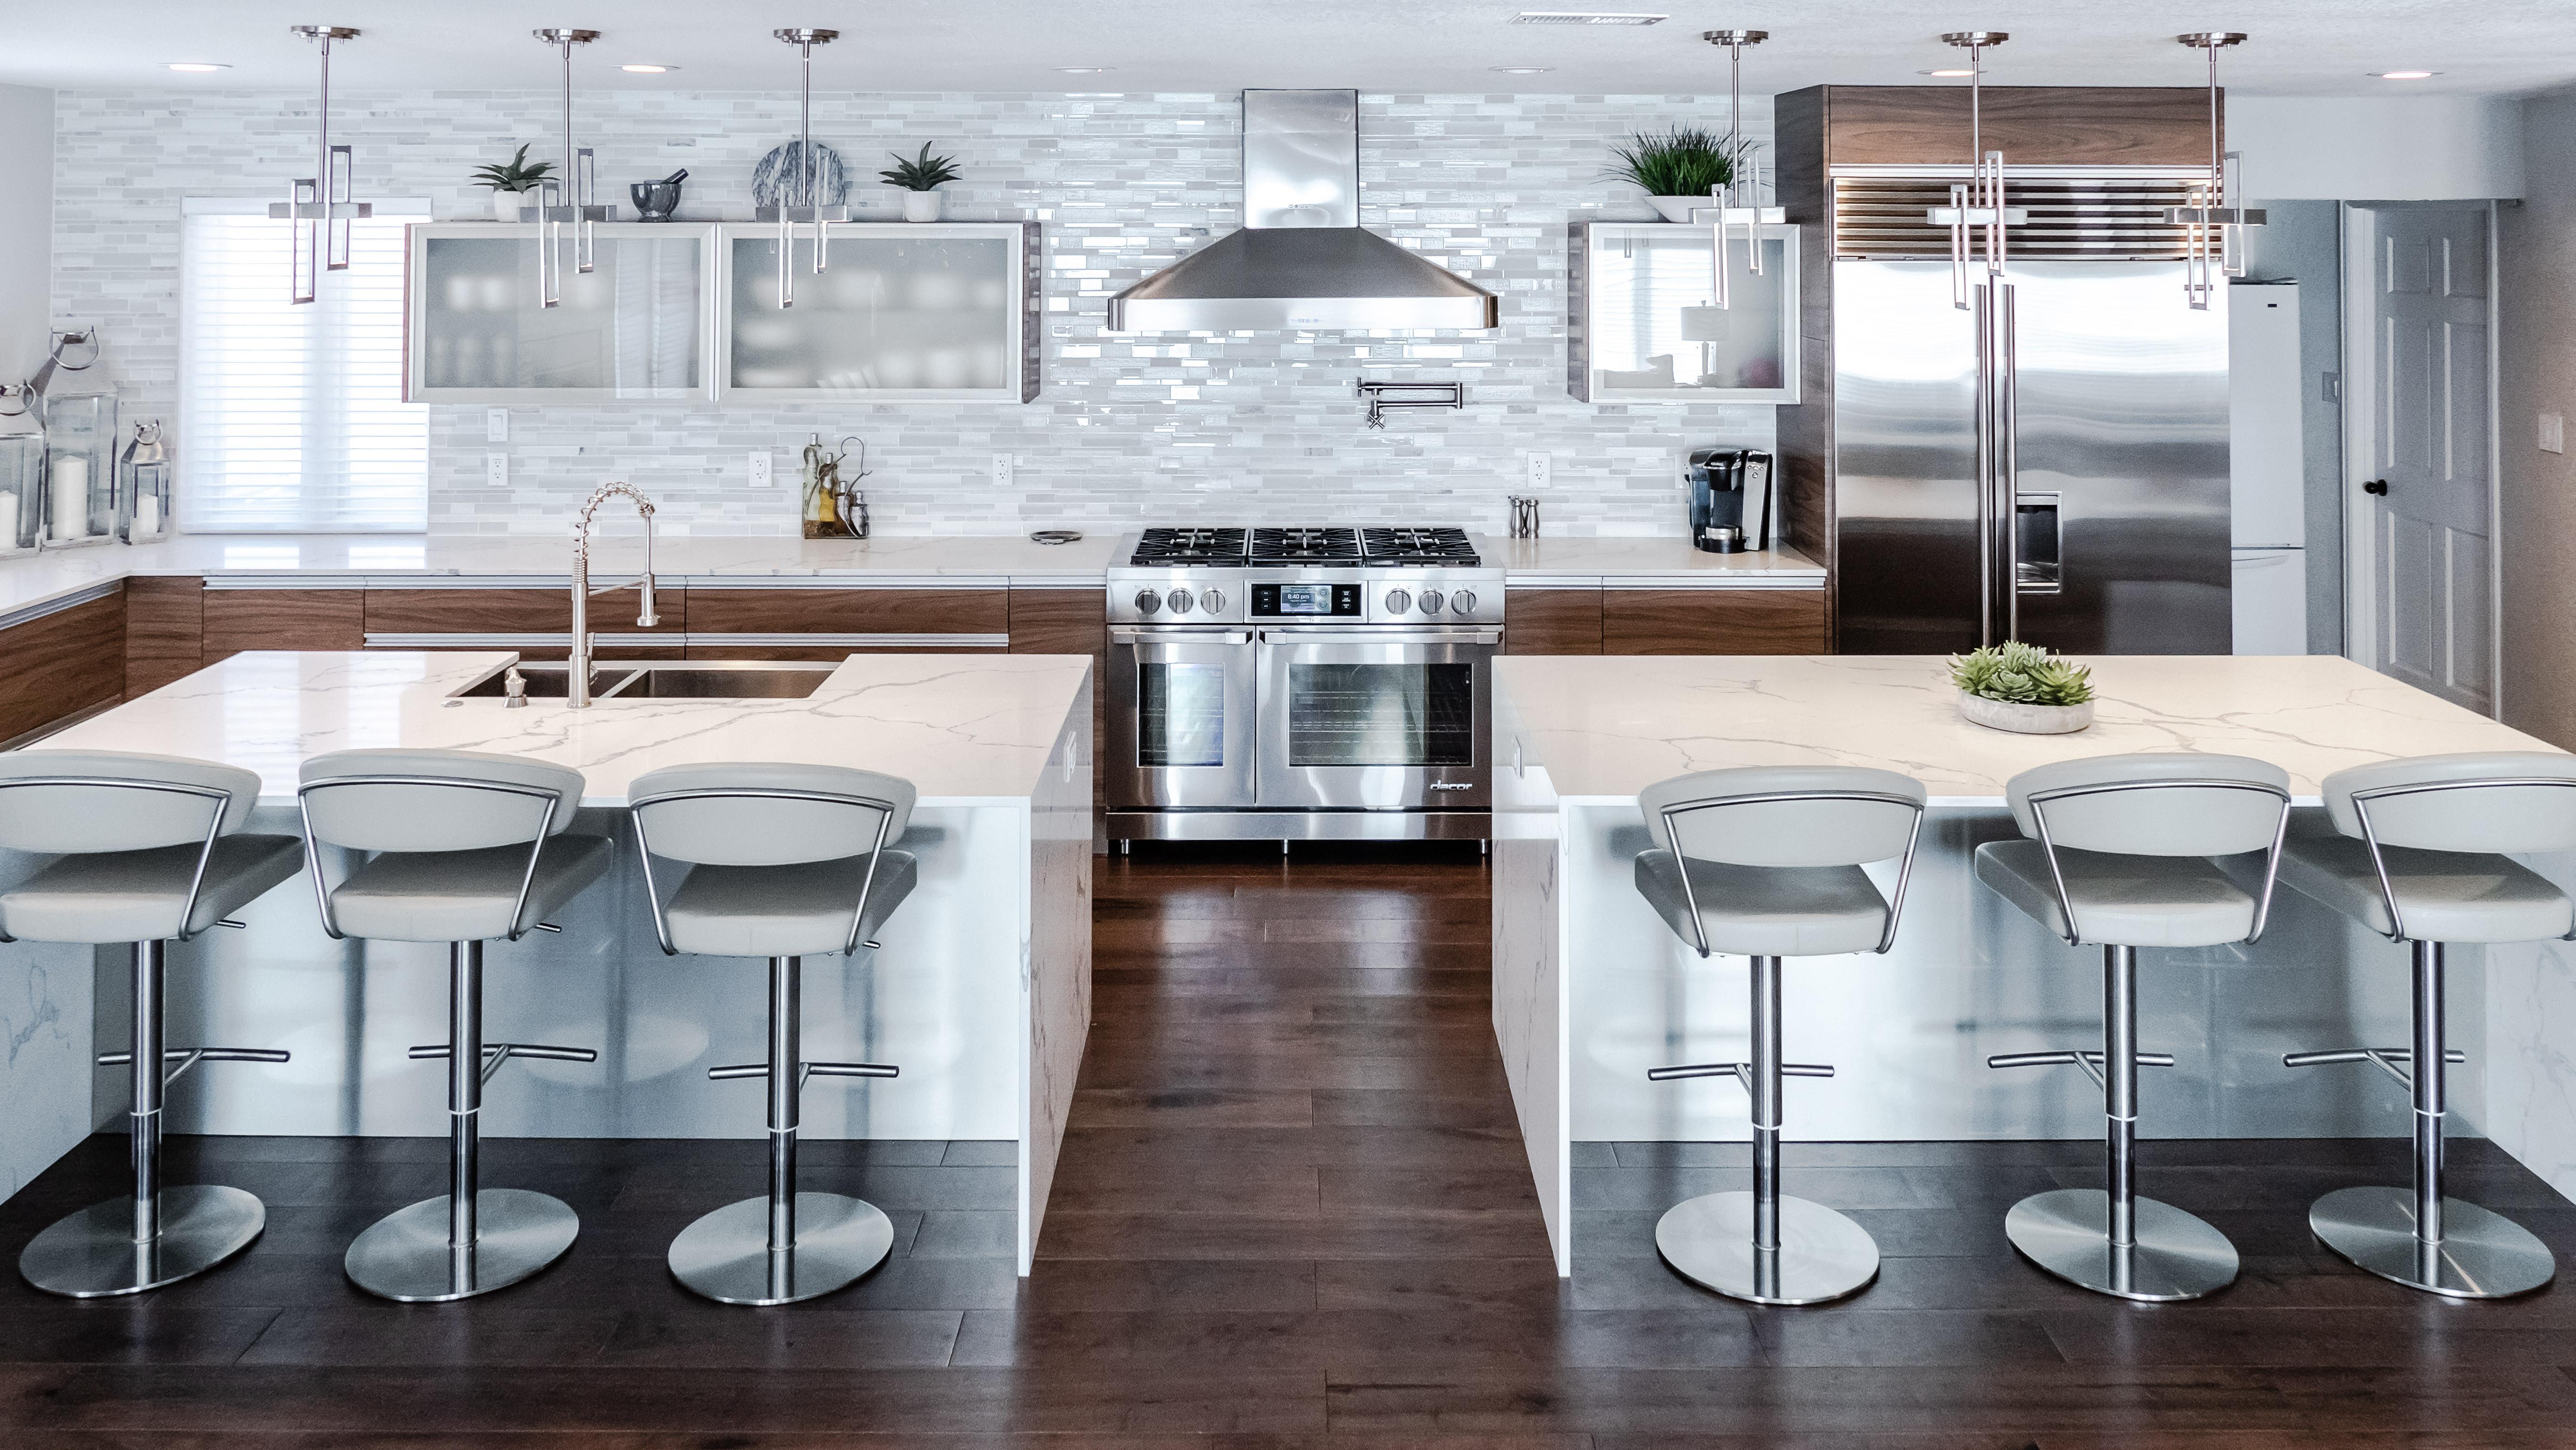 In Person Kitchen Design Consultation